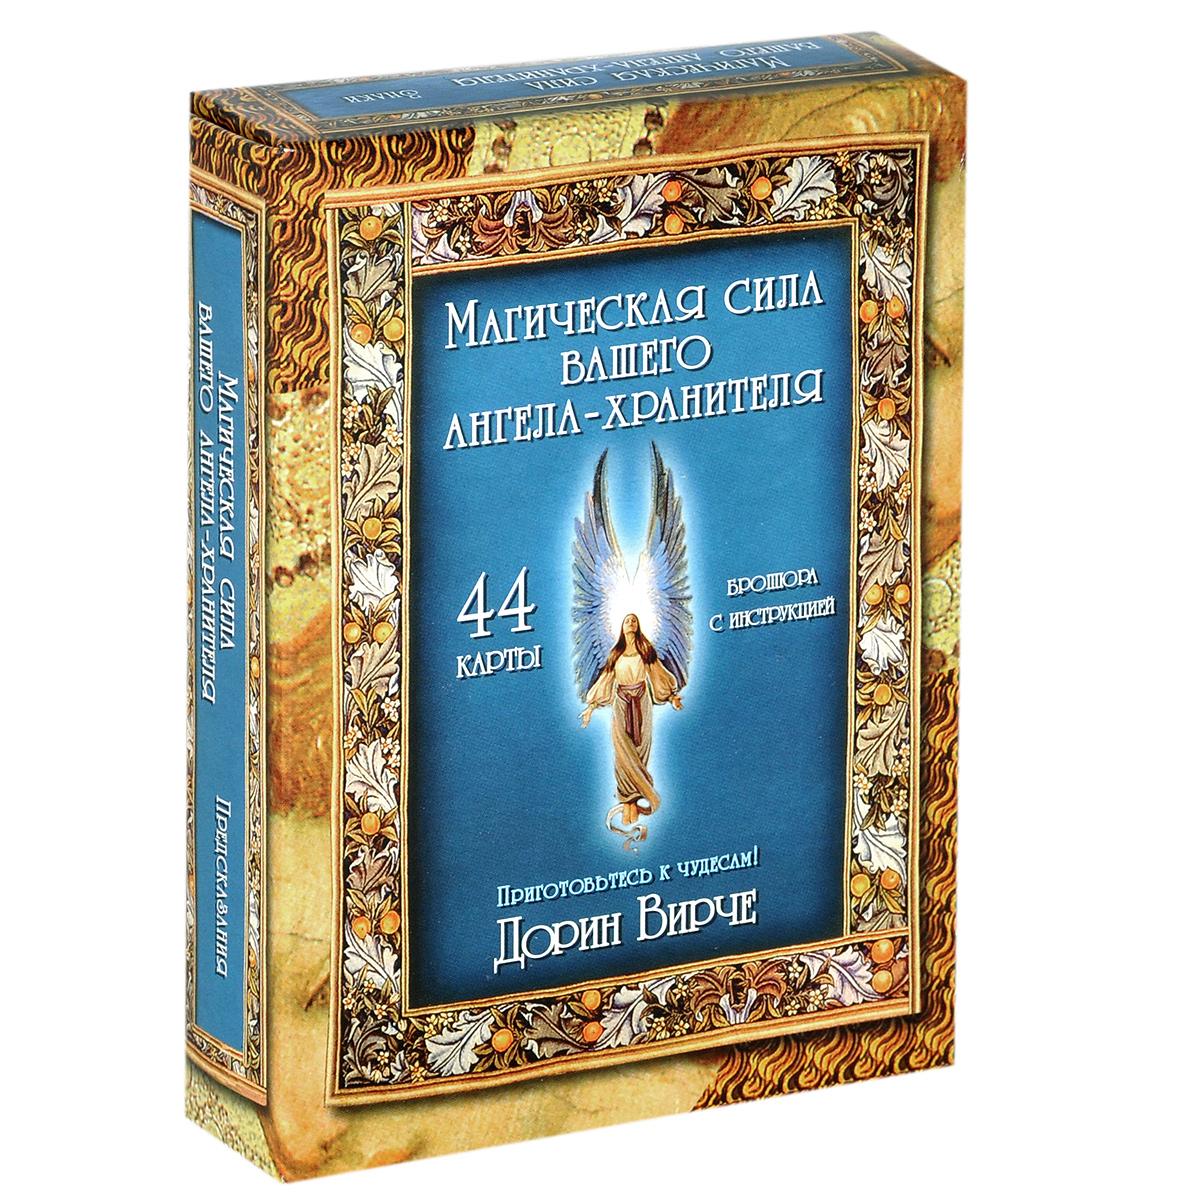 Магическая сила вашего ангела-хранителя (+ набор из 44 карт). Дорин Вирче